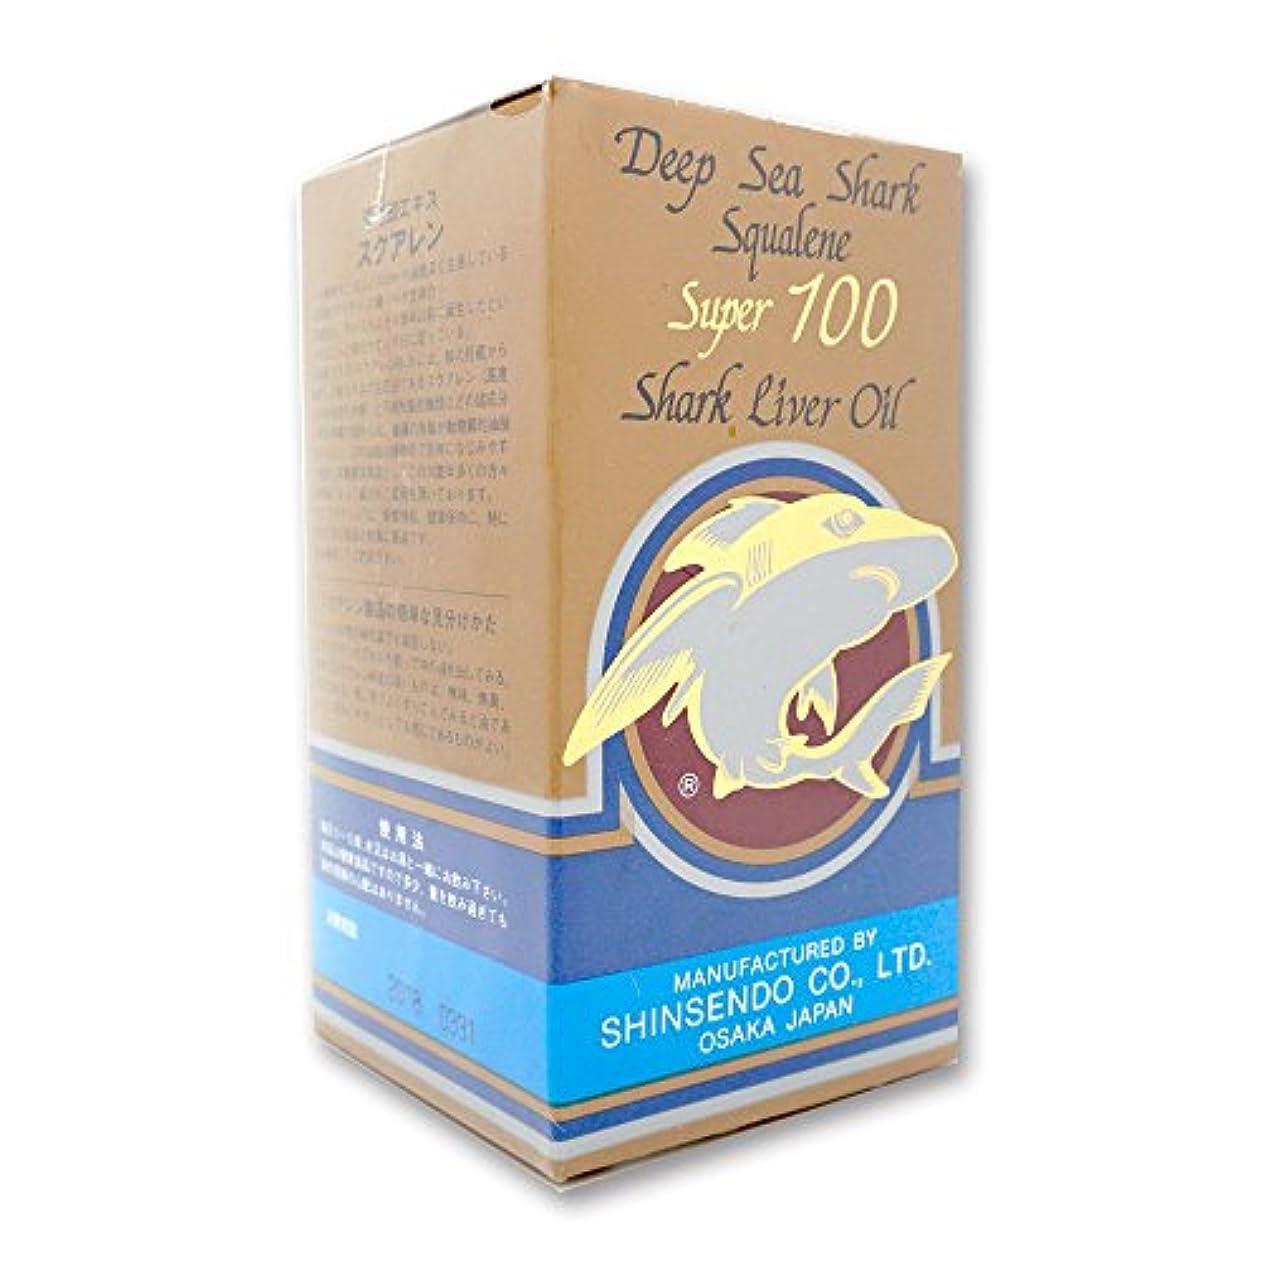 湿った酸クラシック神仙堂 深海鮫 スクワレン スーパー100 330球